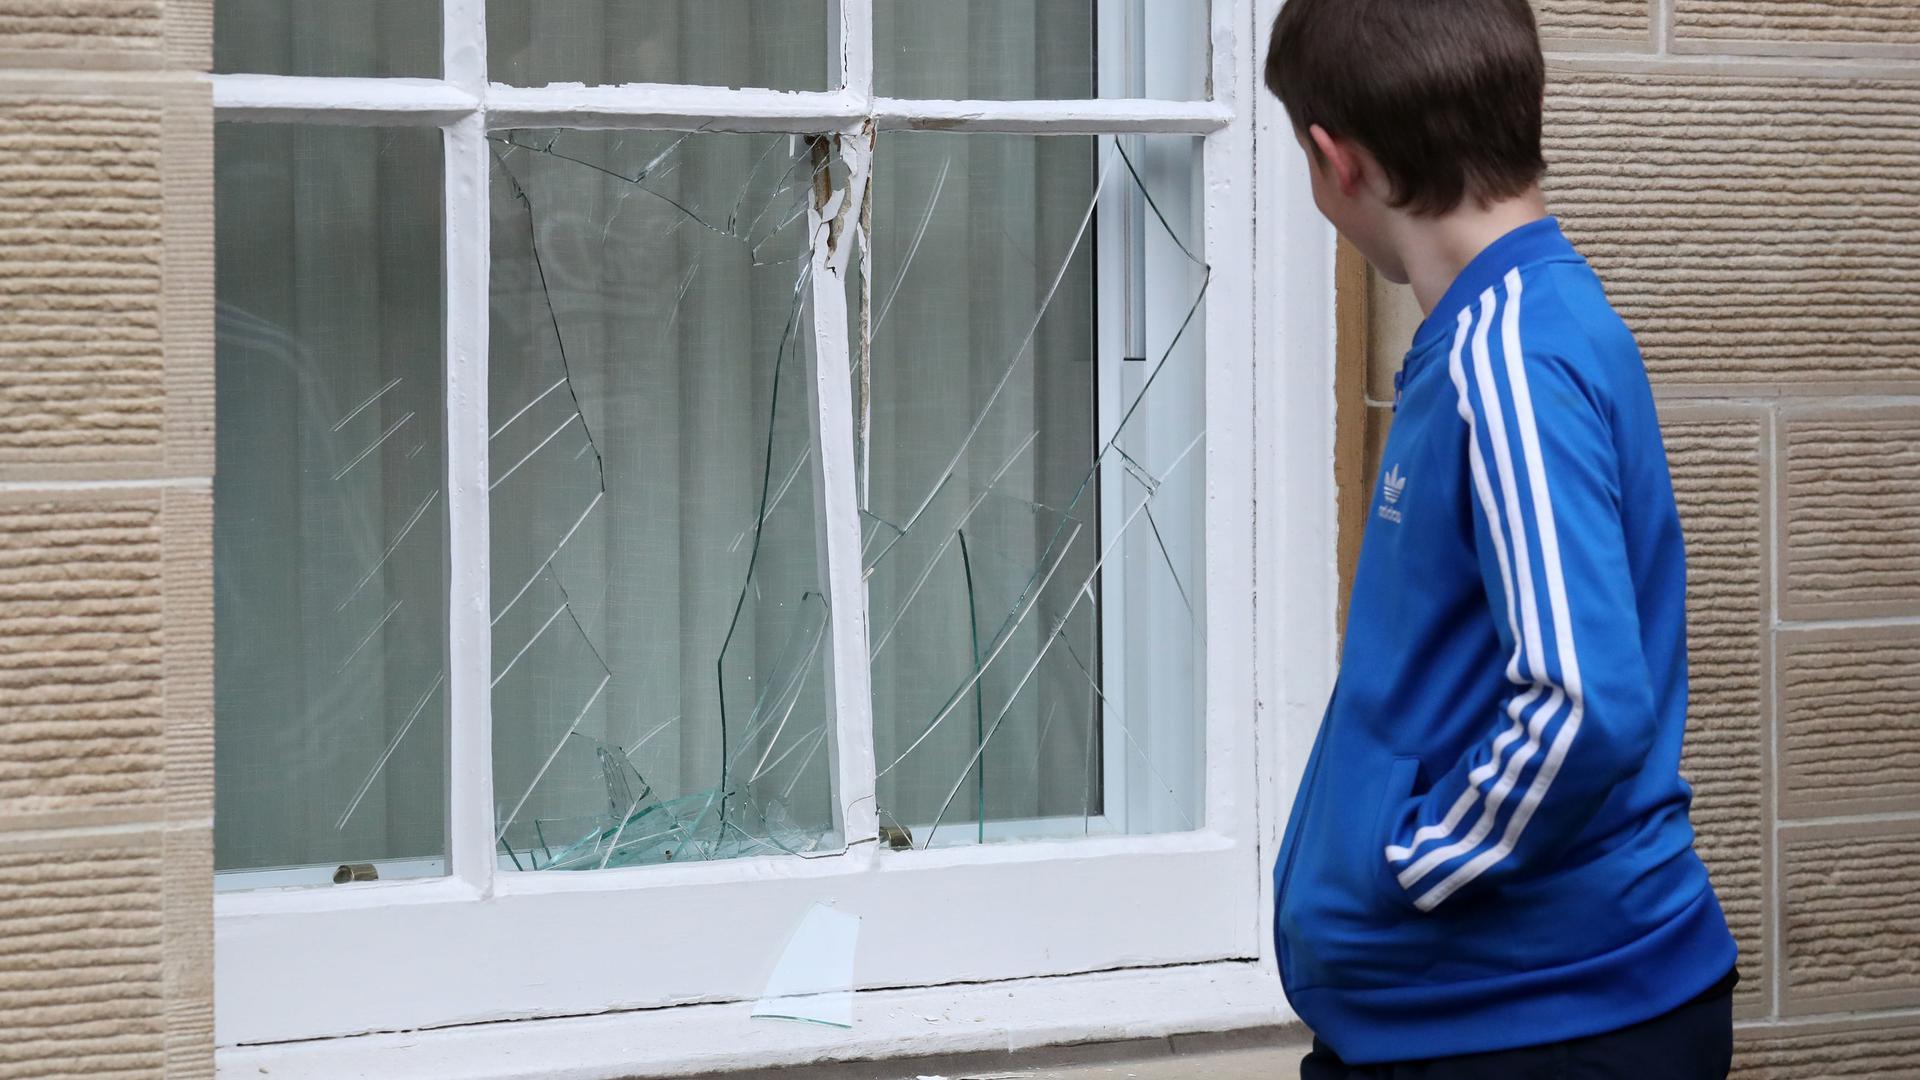 Ein Junge schaut auf ein kaputtes Fenster